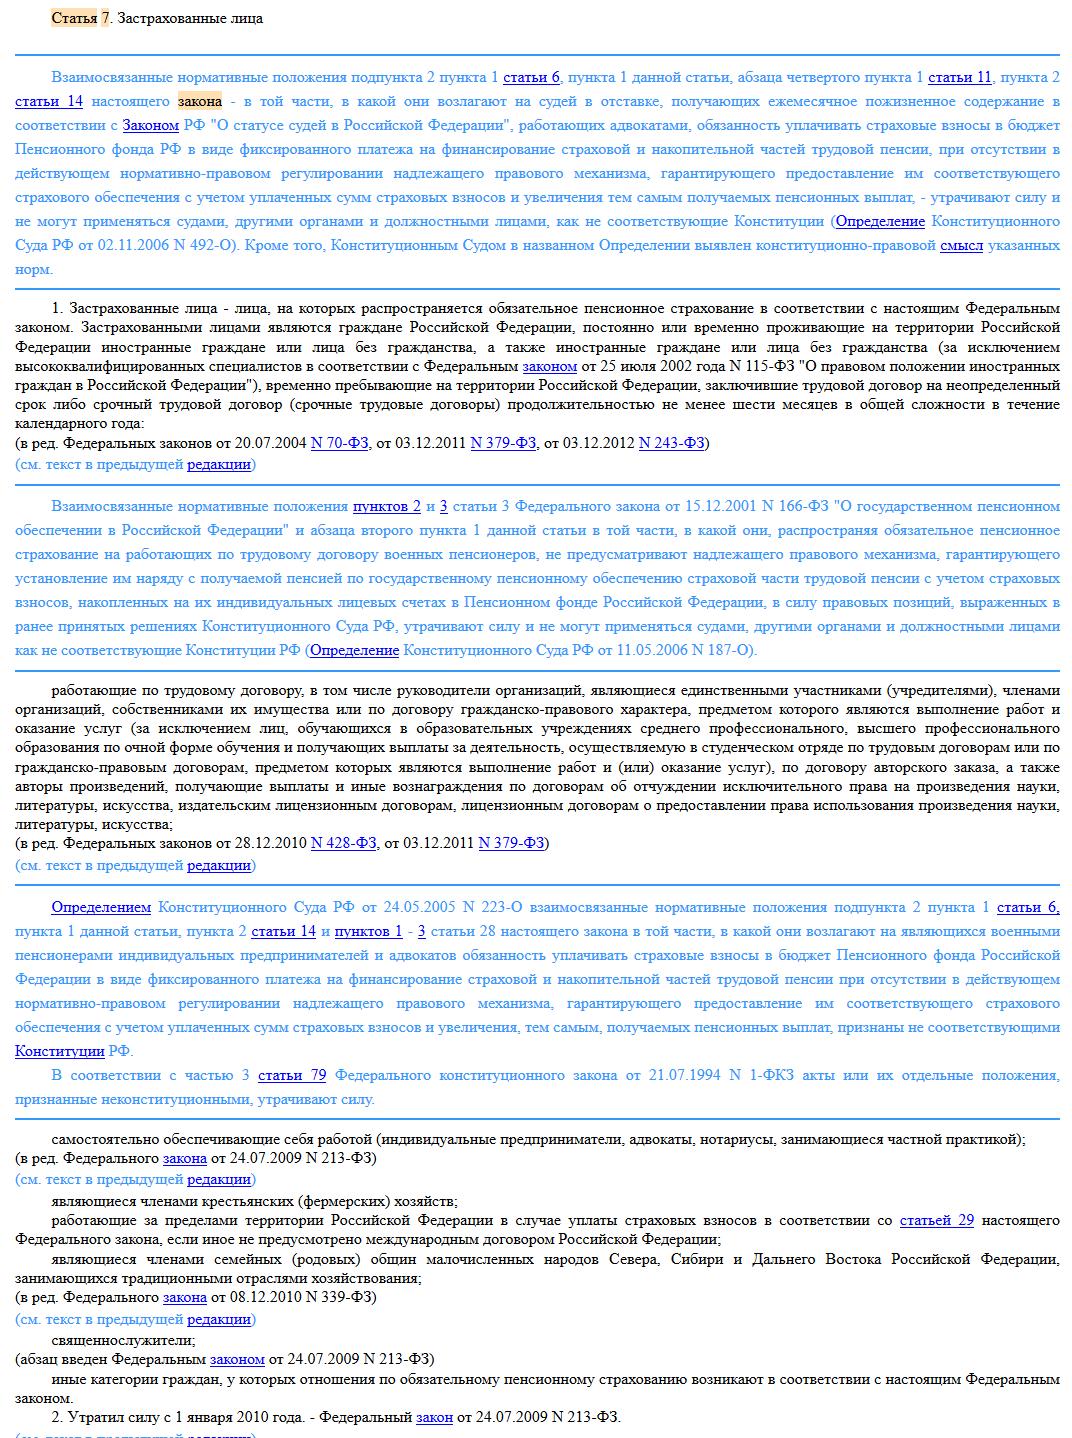 М ф м ф 25 переходные положения вступление закона 44-фз в силу - 1 января 2014 года с 1 января 2015 года - положения